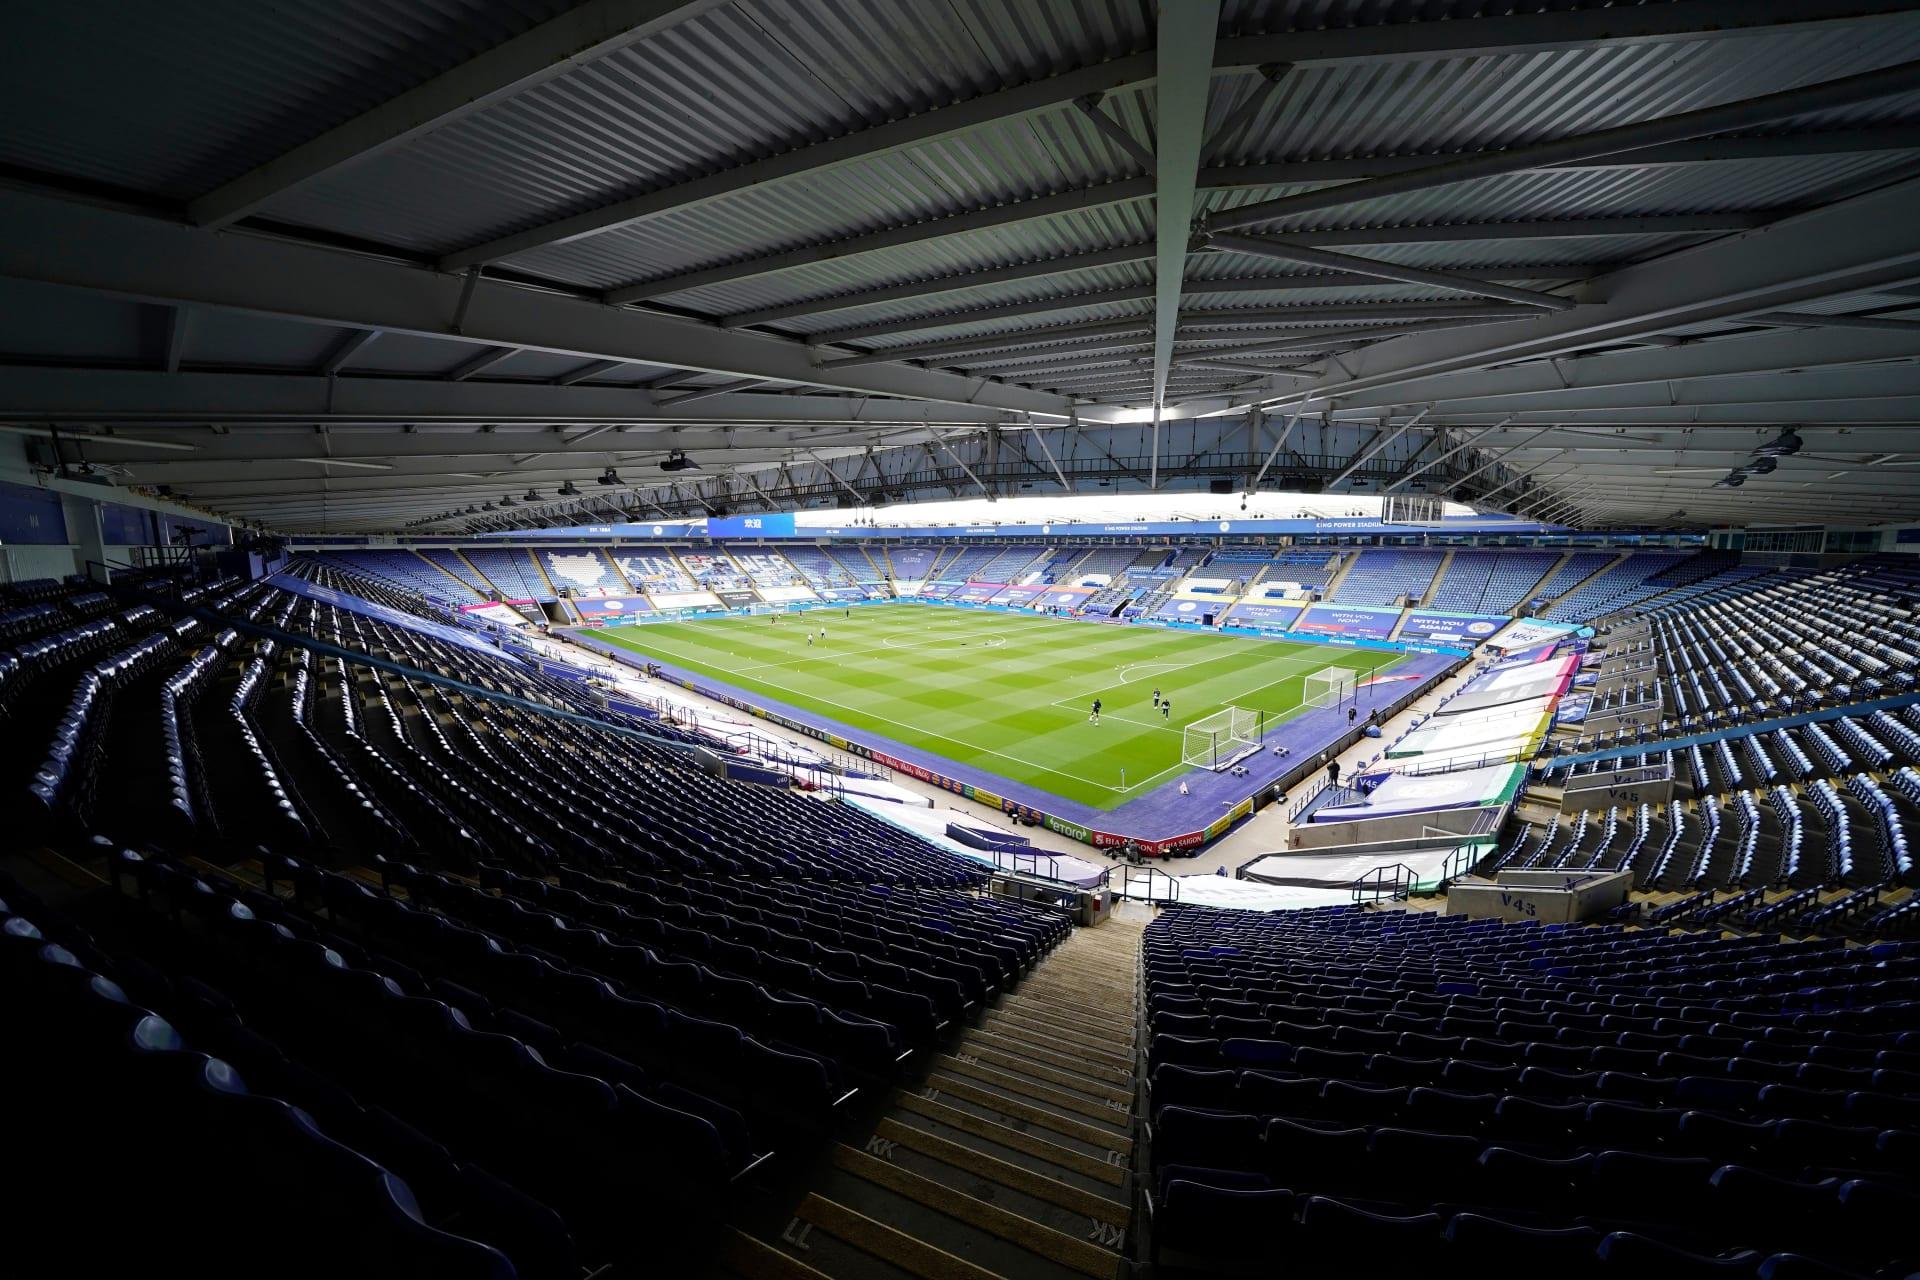 تحقيق مستقل: الاتحاد الإنجليزي لكرة القدم أخفق في حماية الأطفال من الاعتداء الجنسي